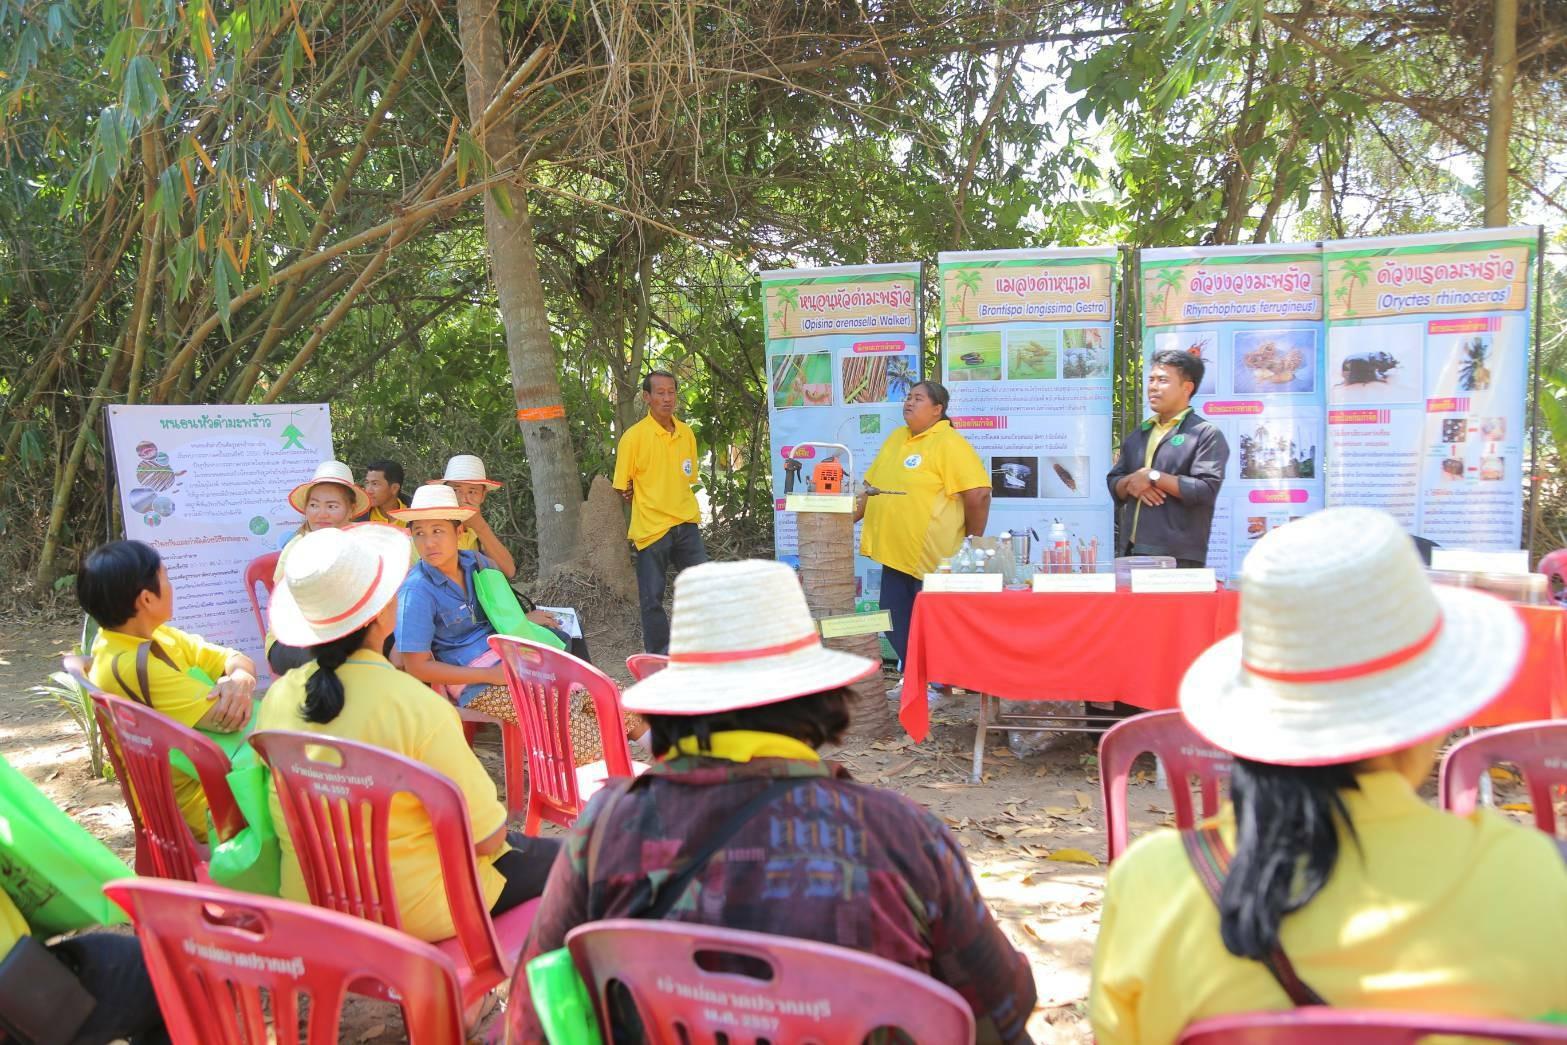 เกษตรฯ ระดมทุกจังหวัดจัดงาน Field Day เตรียมพร้อมเกษตรกรก่อนเริ่มฤดูกาลผลิตใหม่ ปี 2564